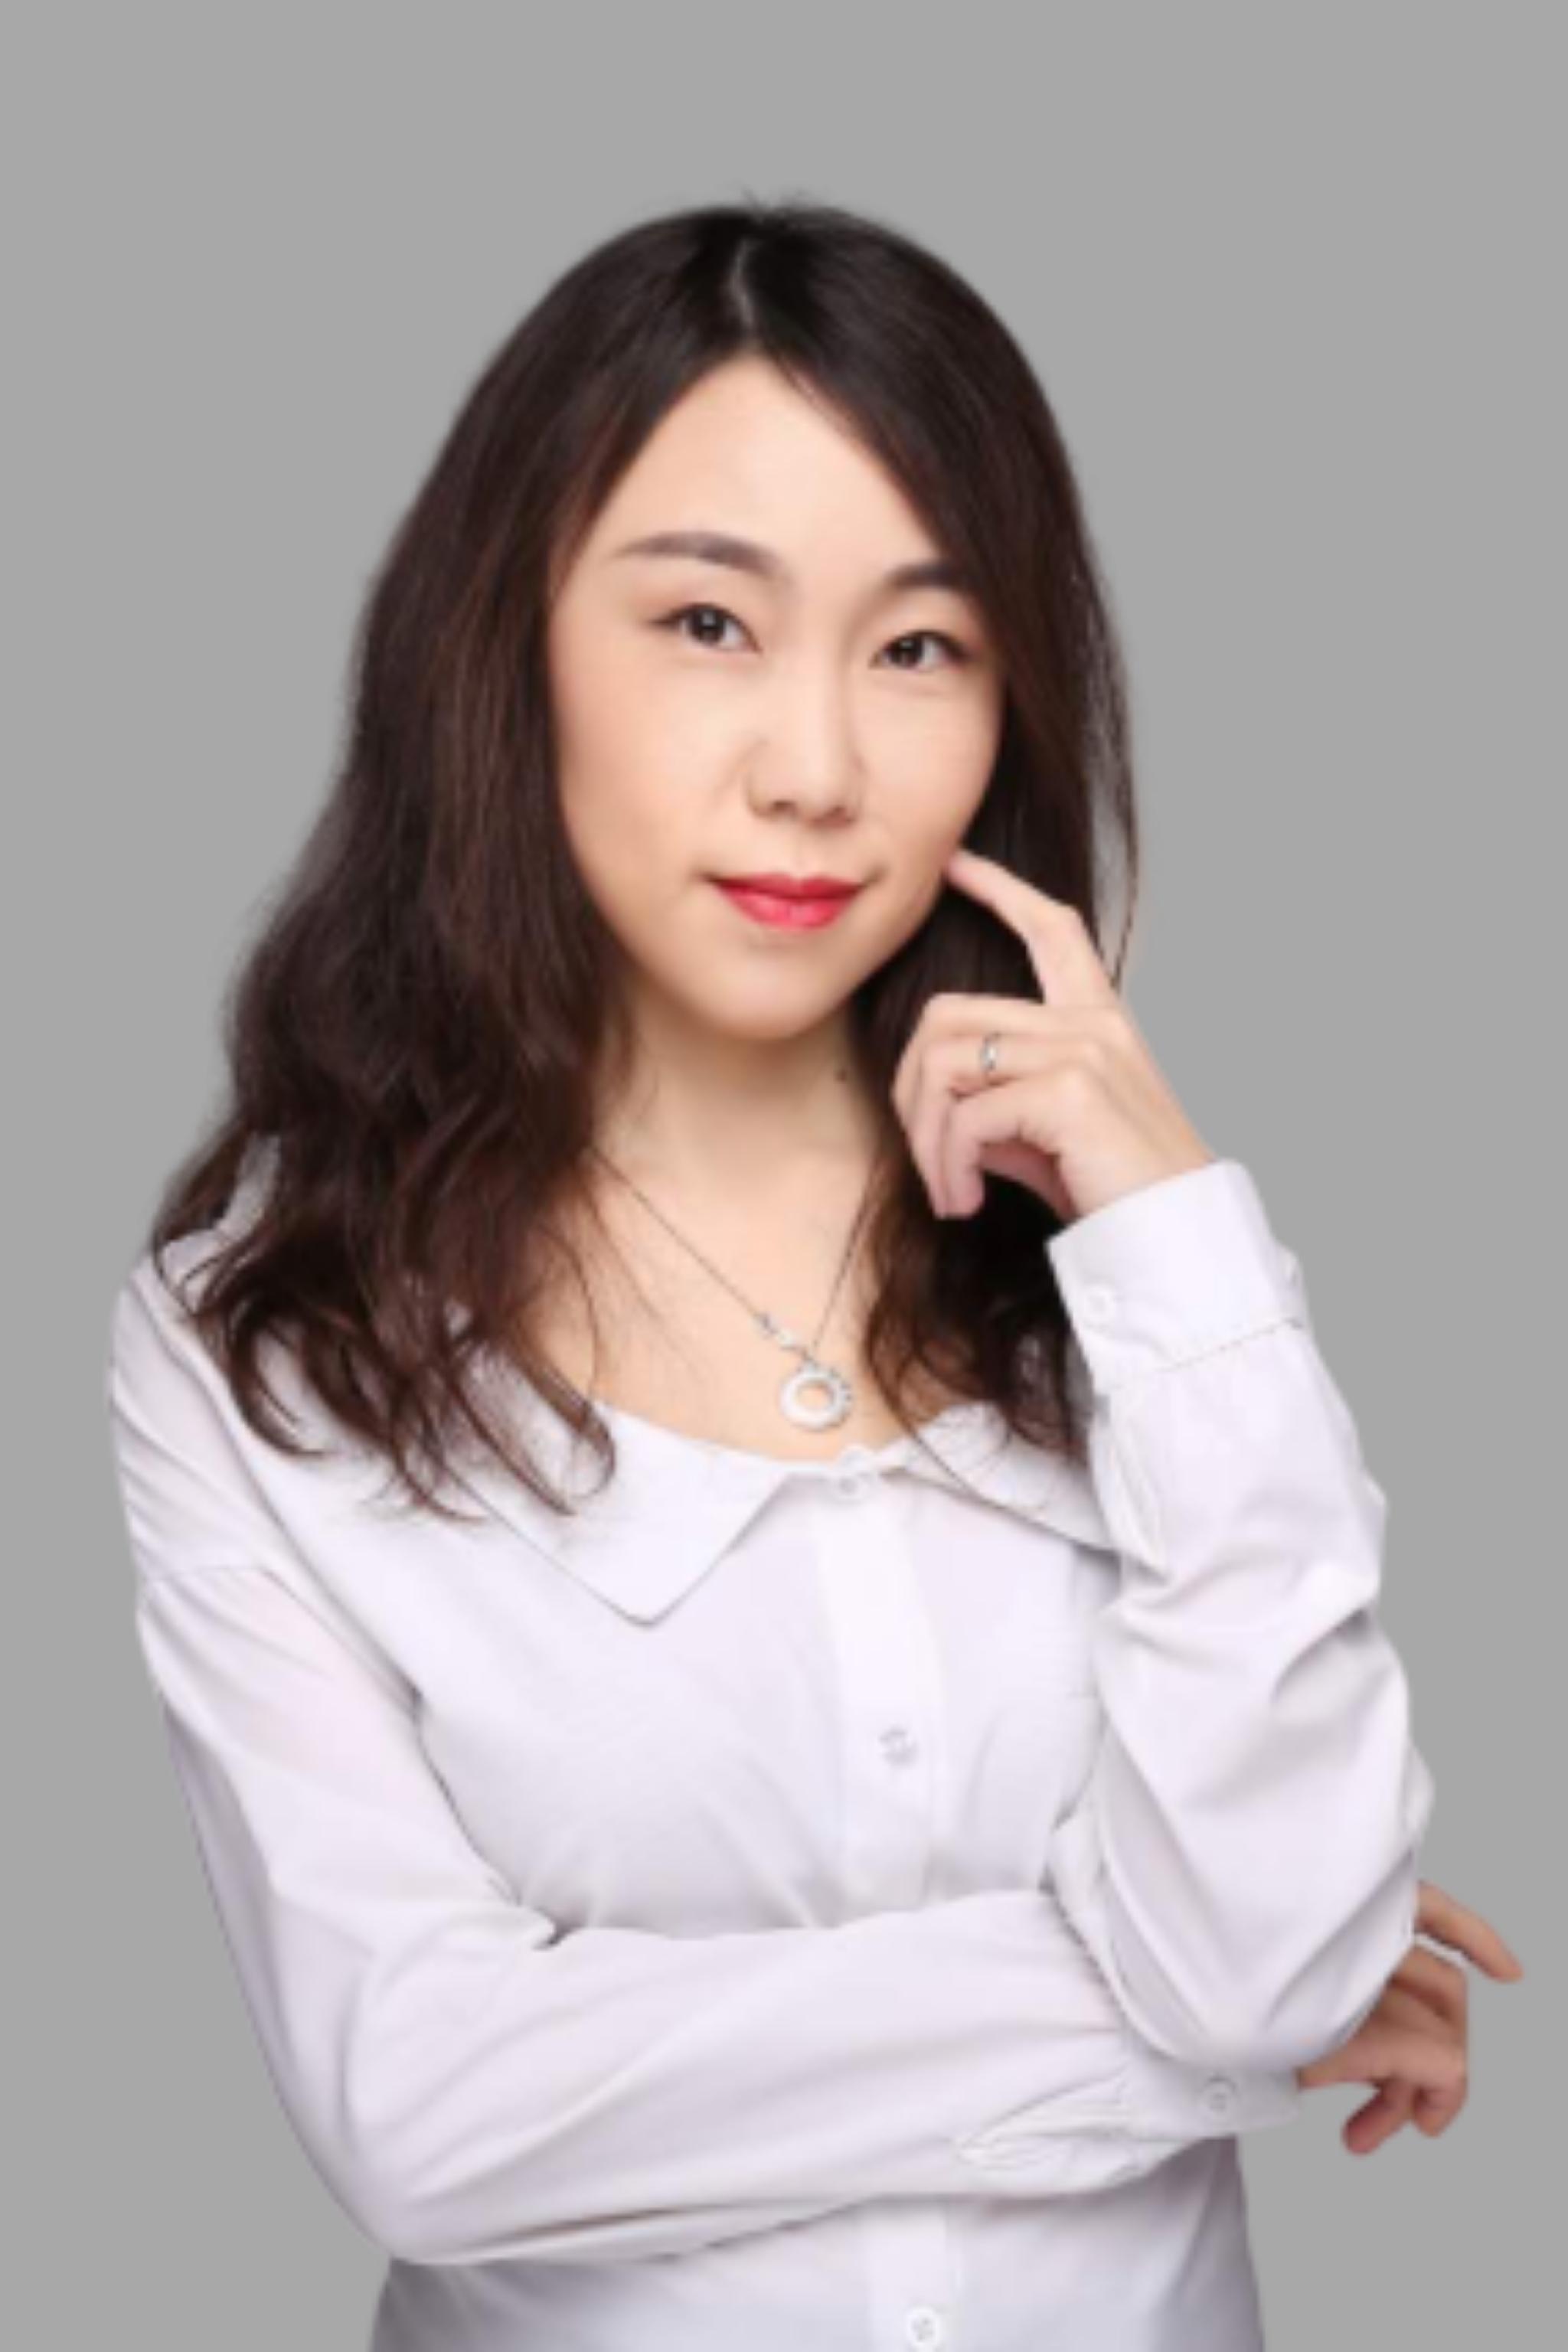 郝景芳 经济学专家  儿童通识教育品牌童行学院创始人